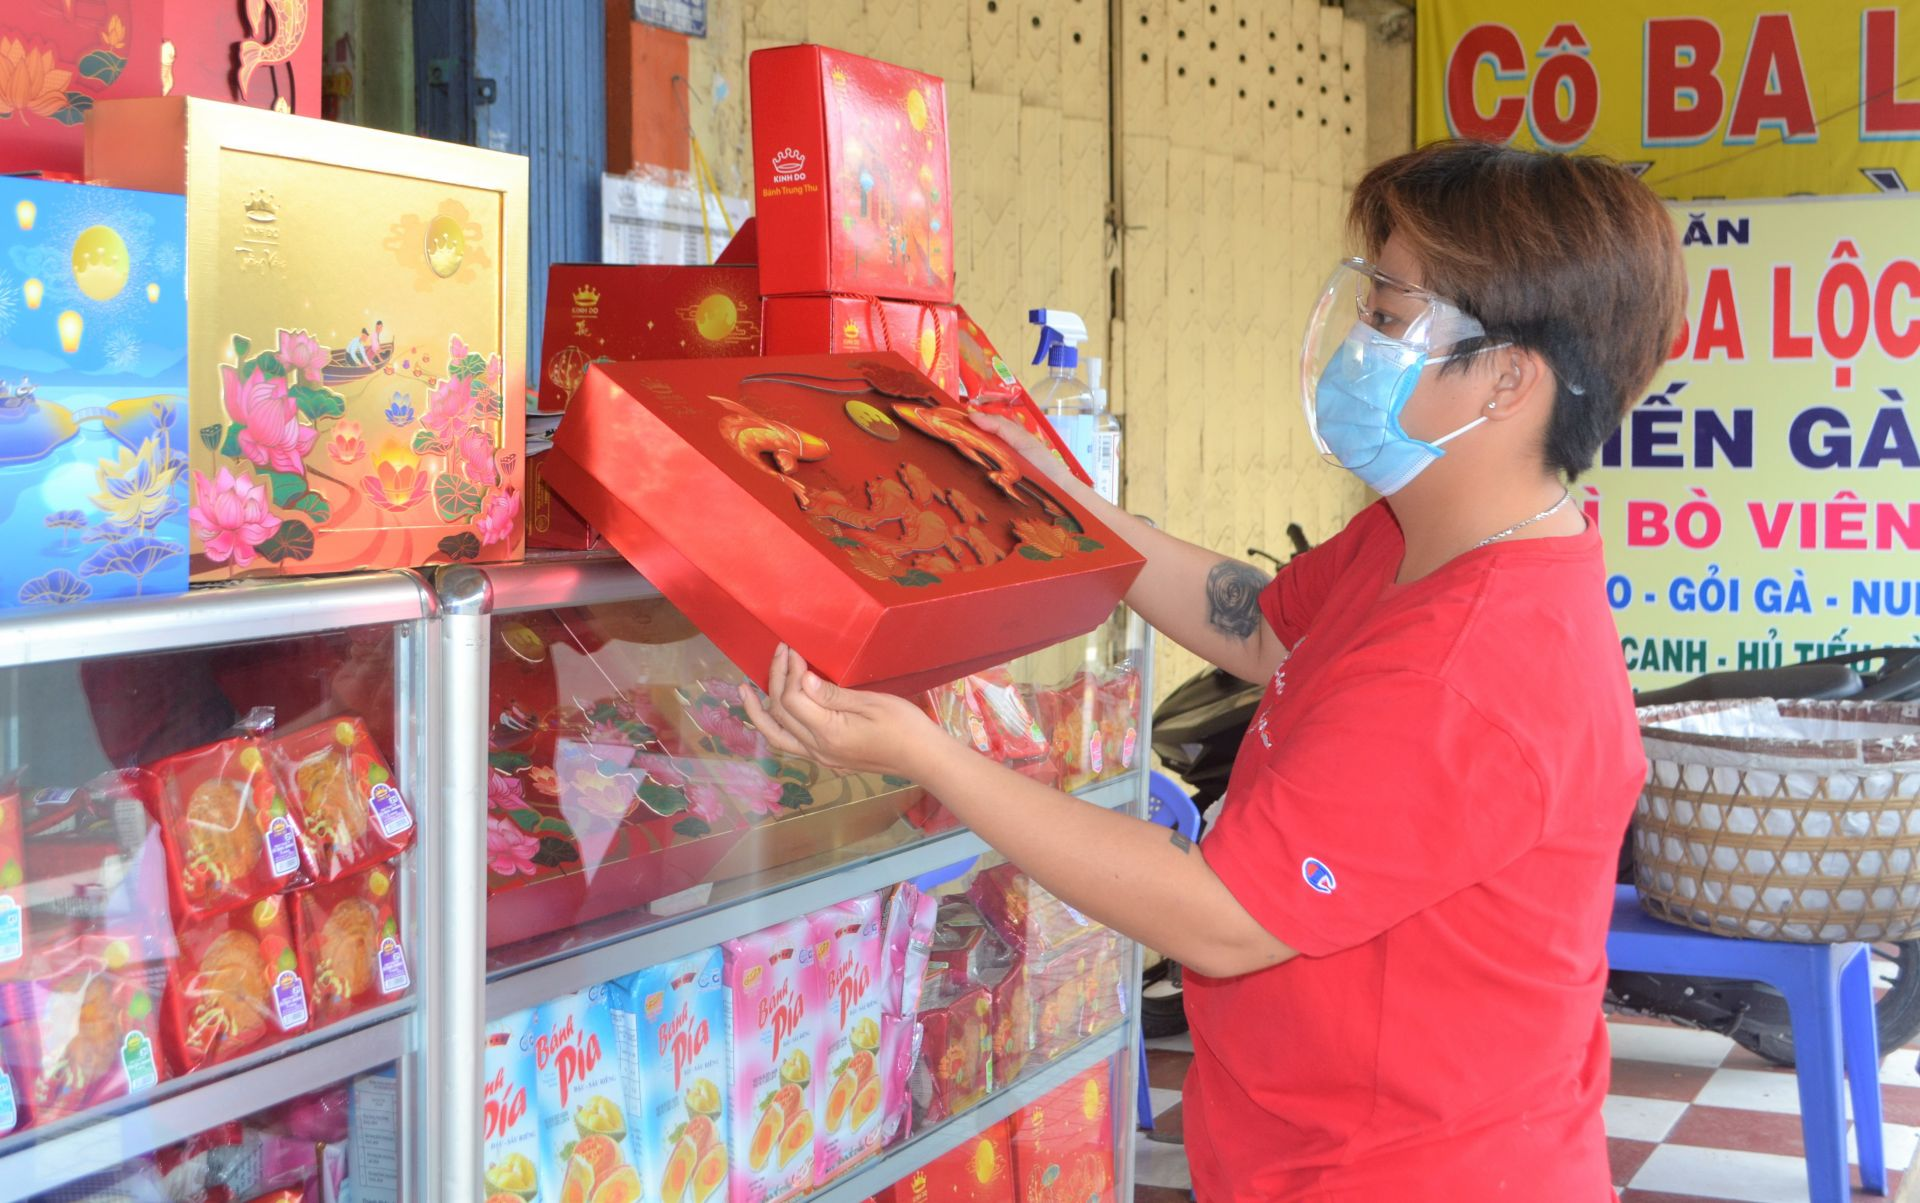 Điểm báo in Tây Ninh ngày 15.09.2021